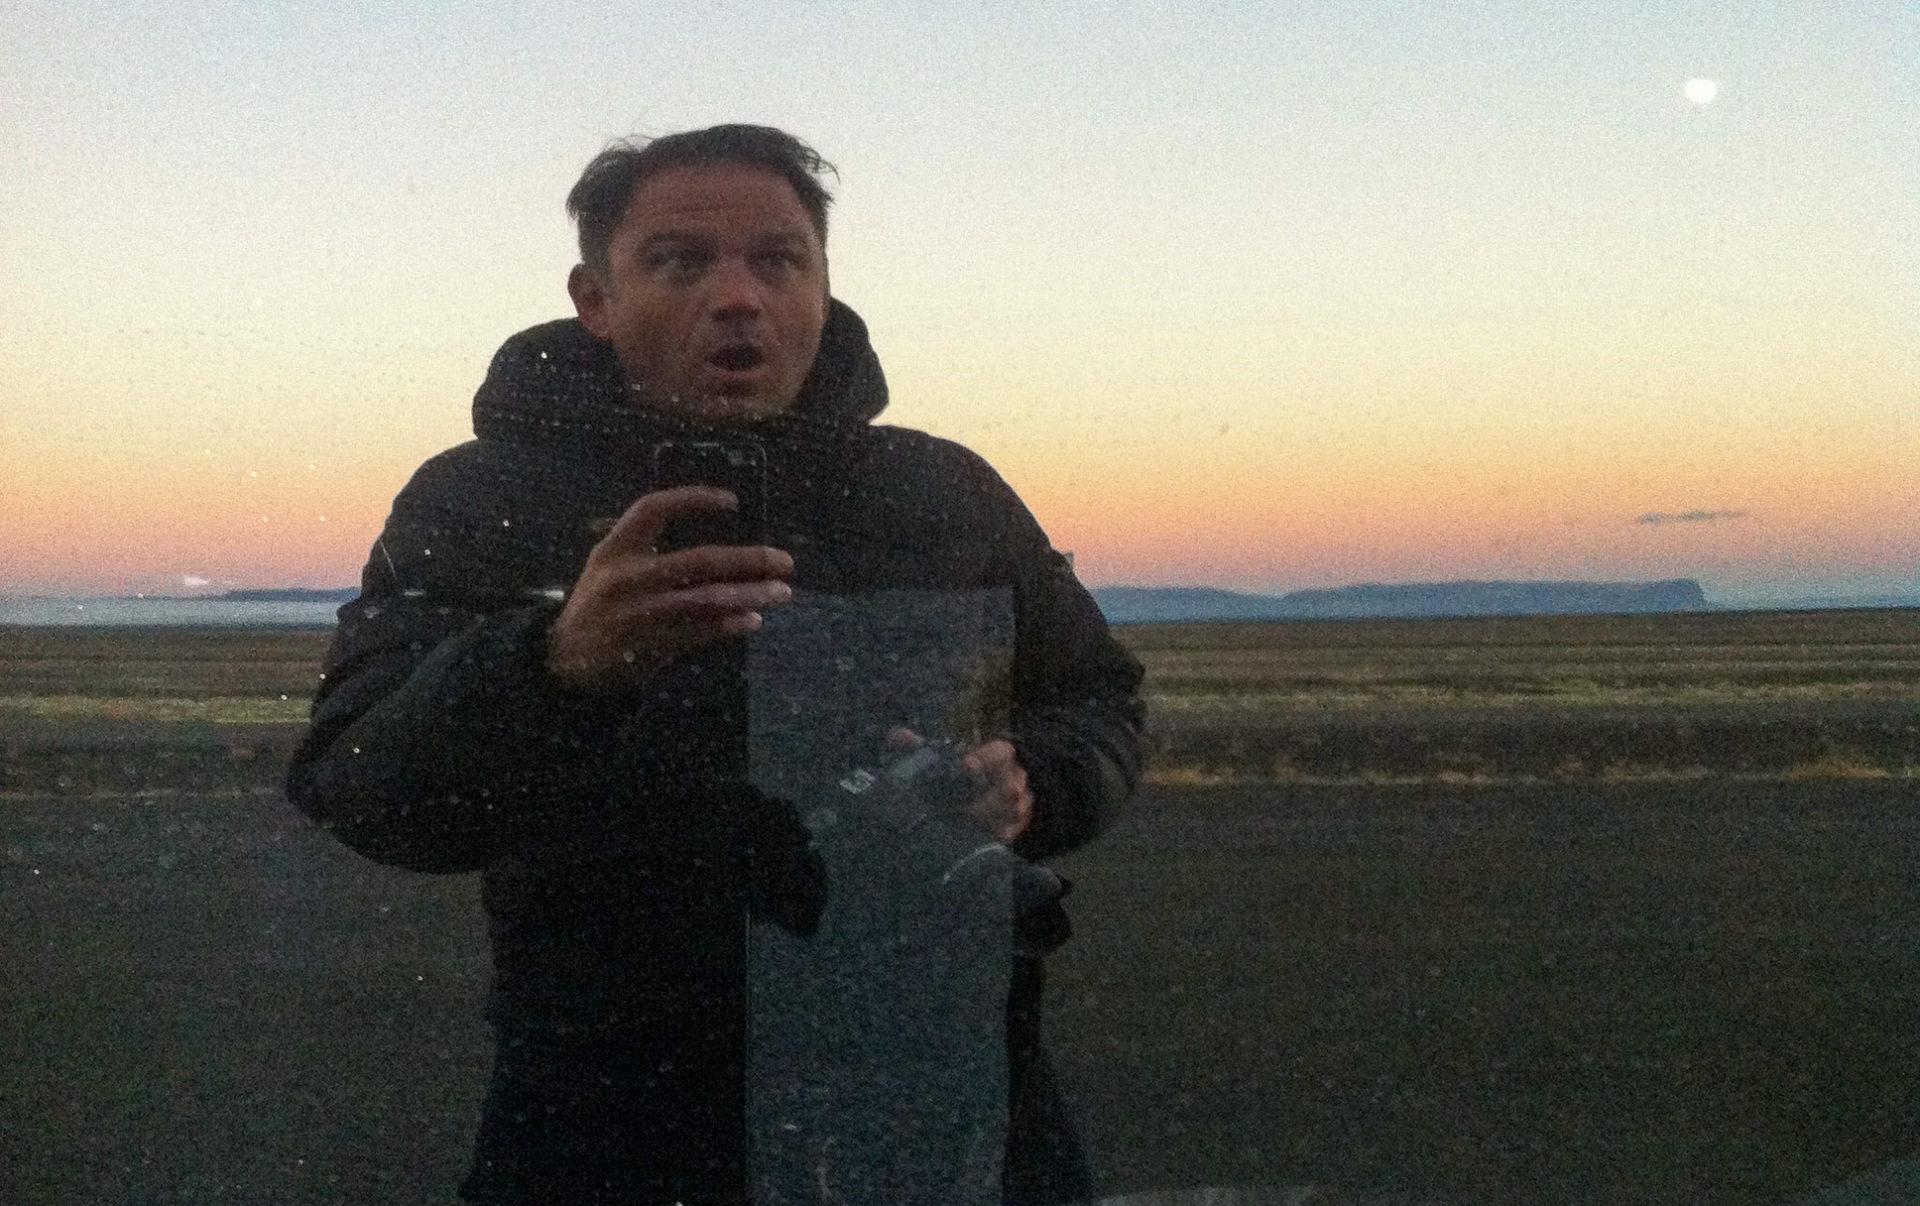 Autor macht ein Selfie in der Einöde Islands mit Vollmond